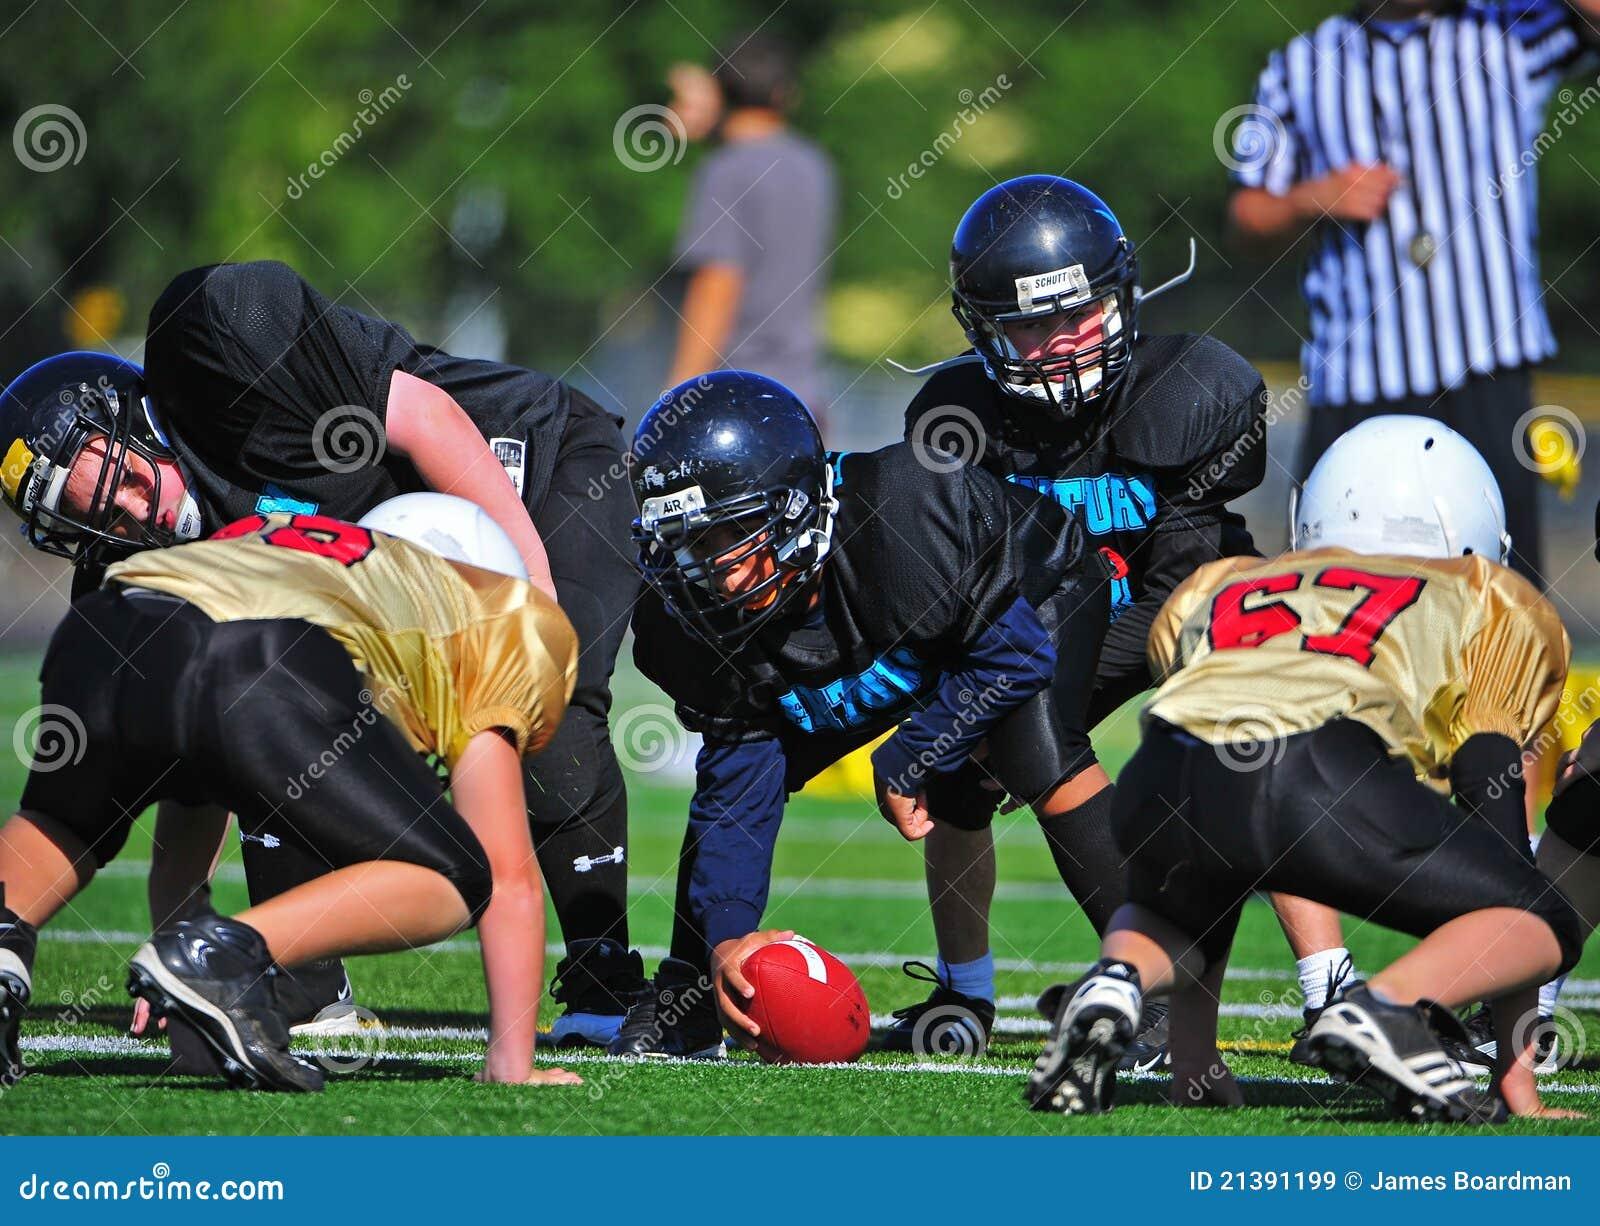 橄榄球线路准备好的并列争球青年时&#